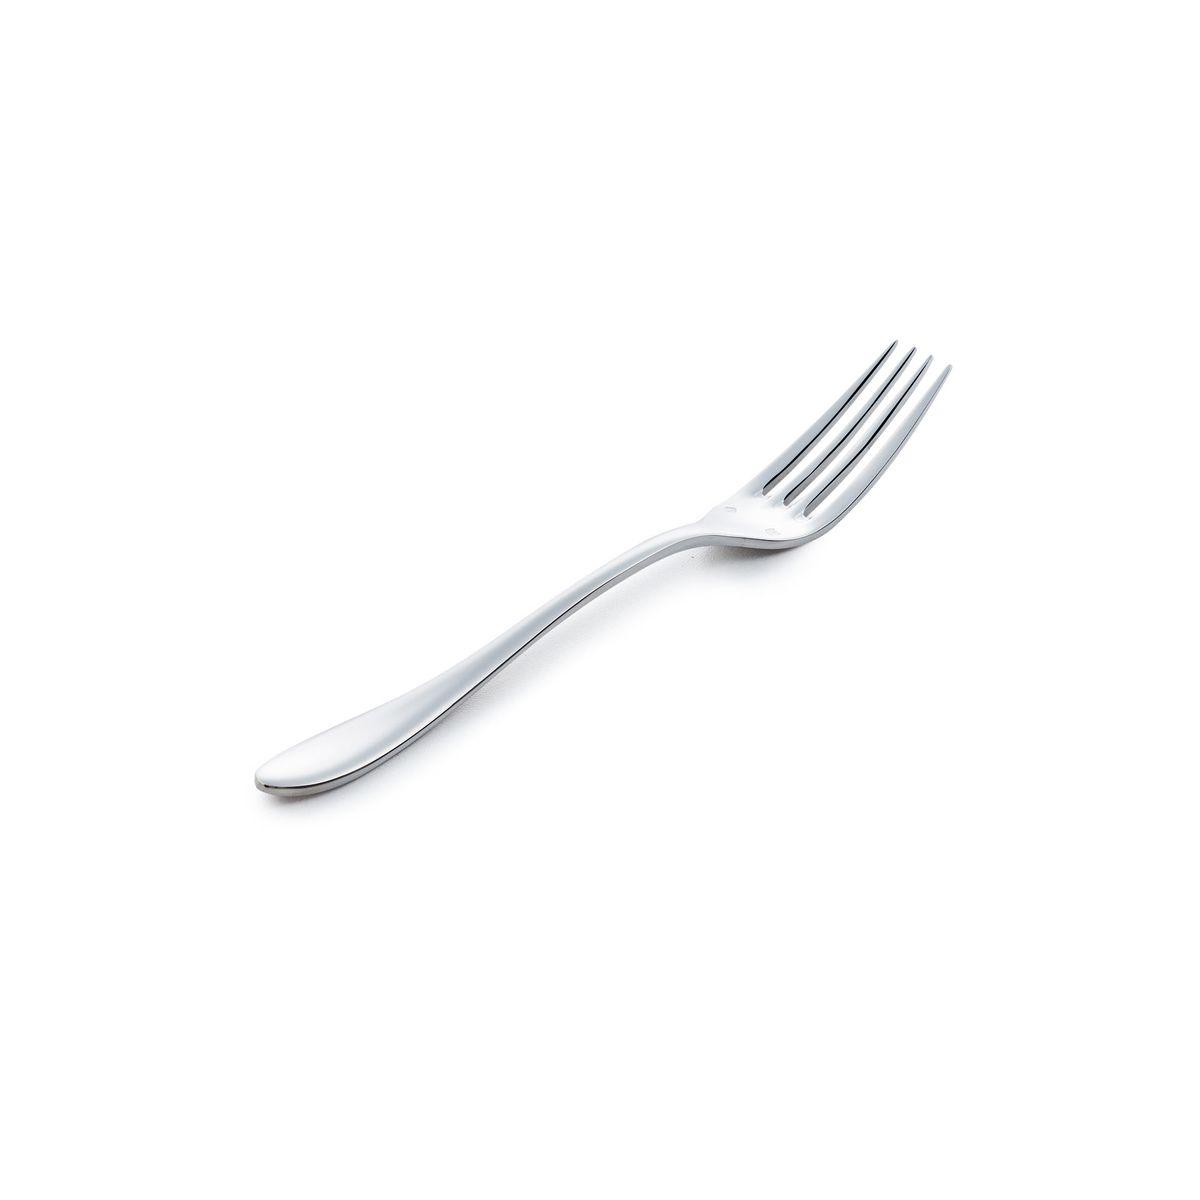 Fourchette de table en inox - Lot de 12